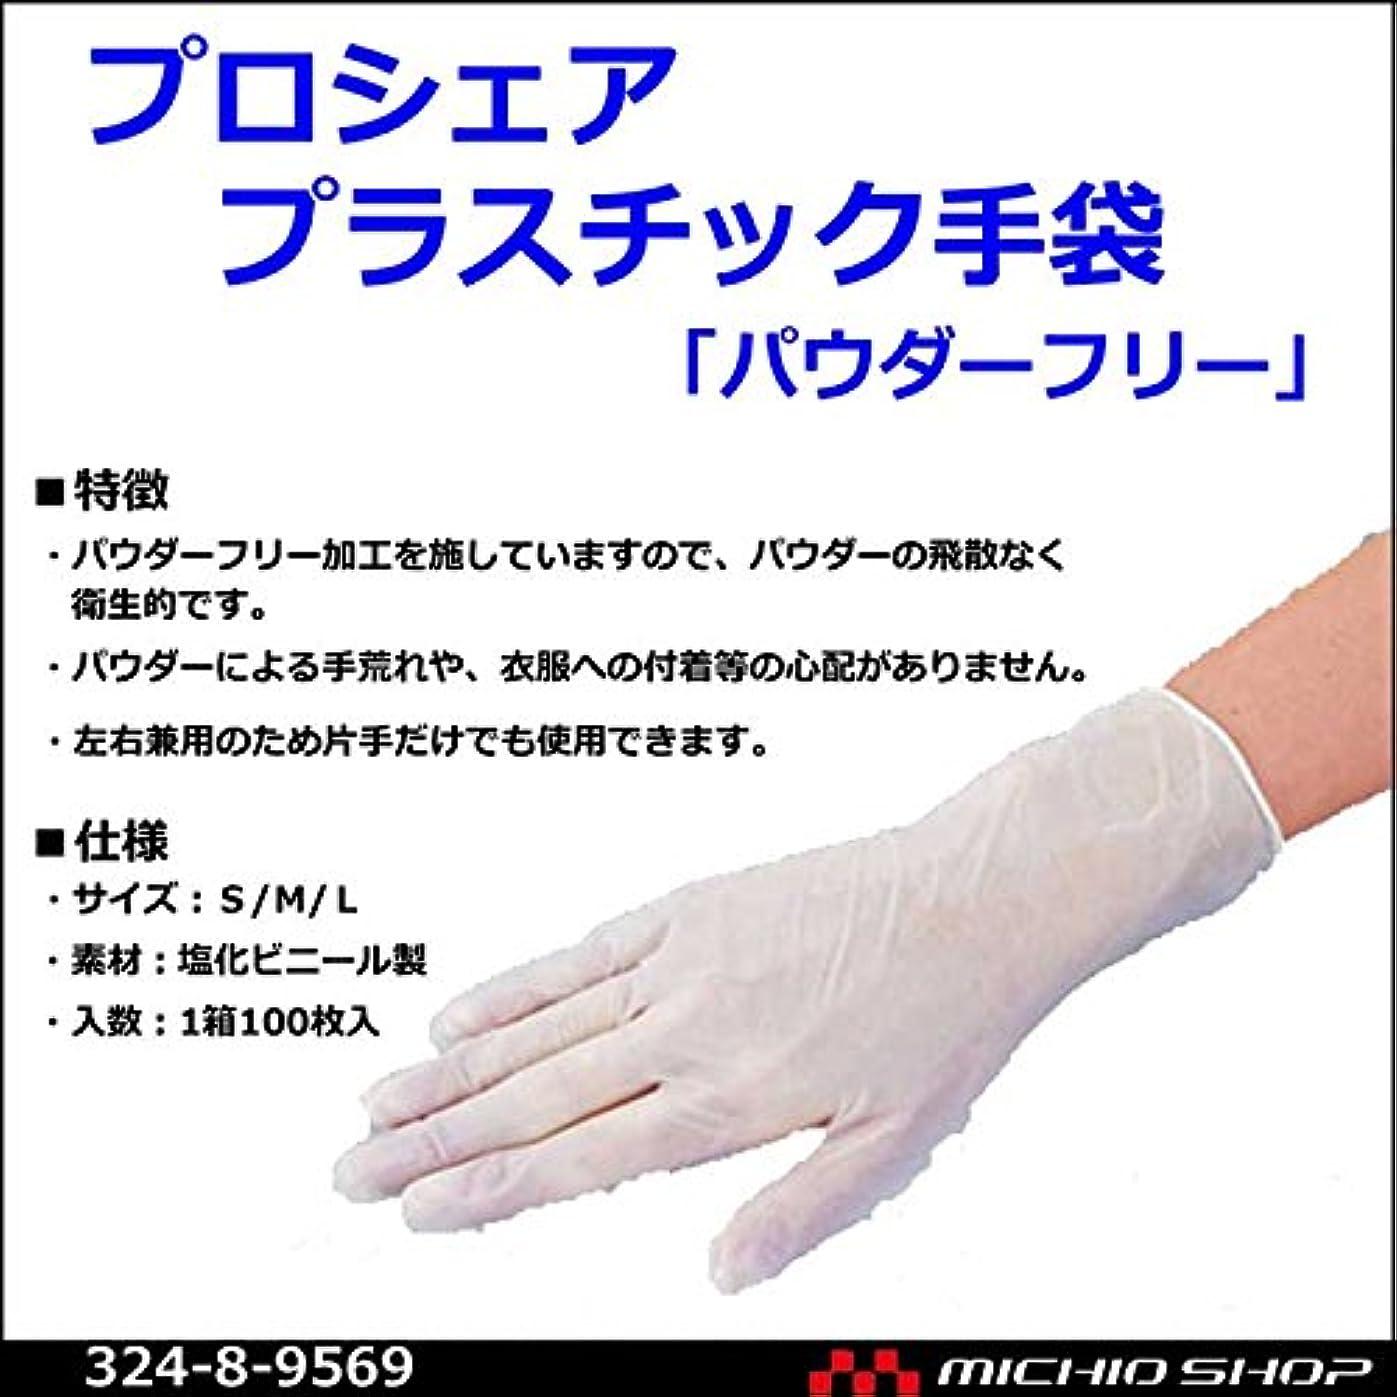 アクセント半円レパートリーアズワン プロシェアプラスチック手袋 100枚入 8-9569 04 SS